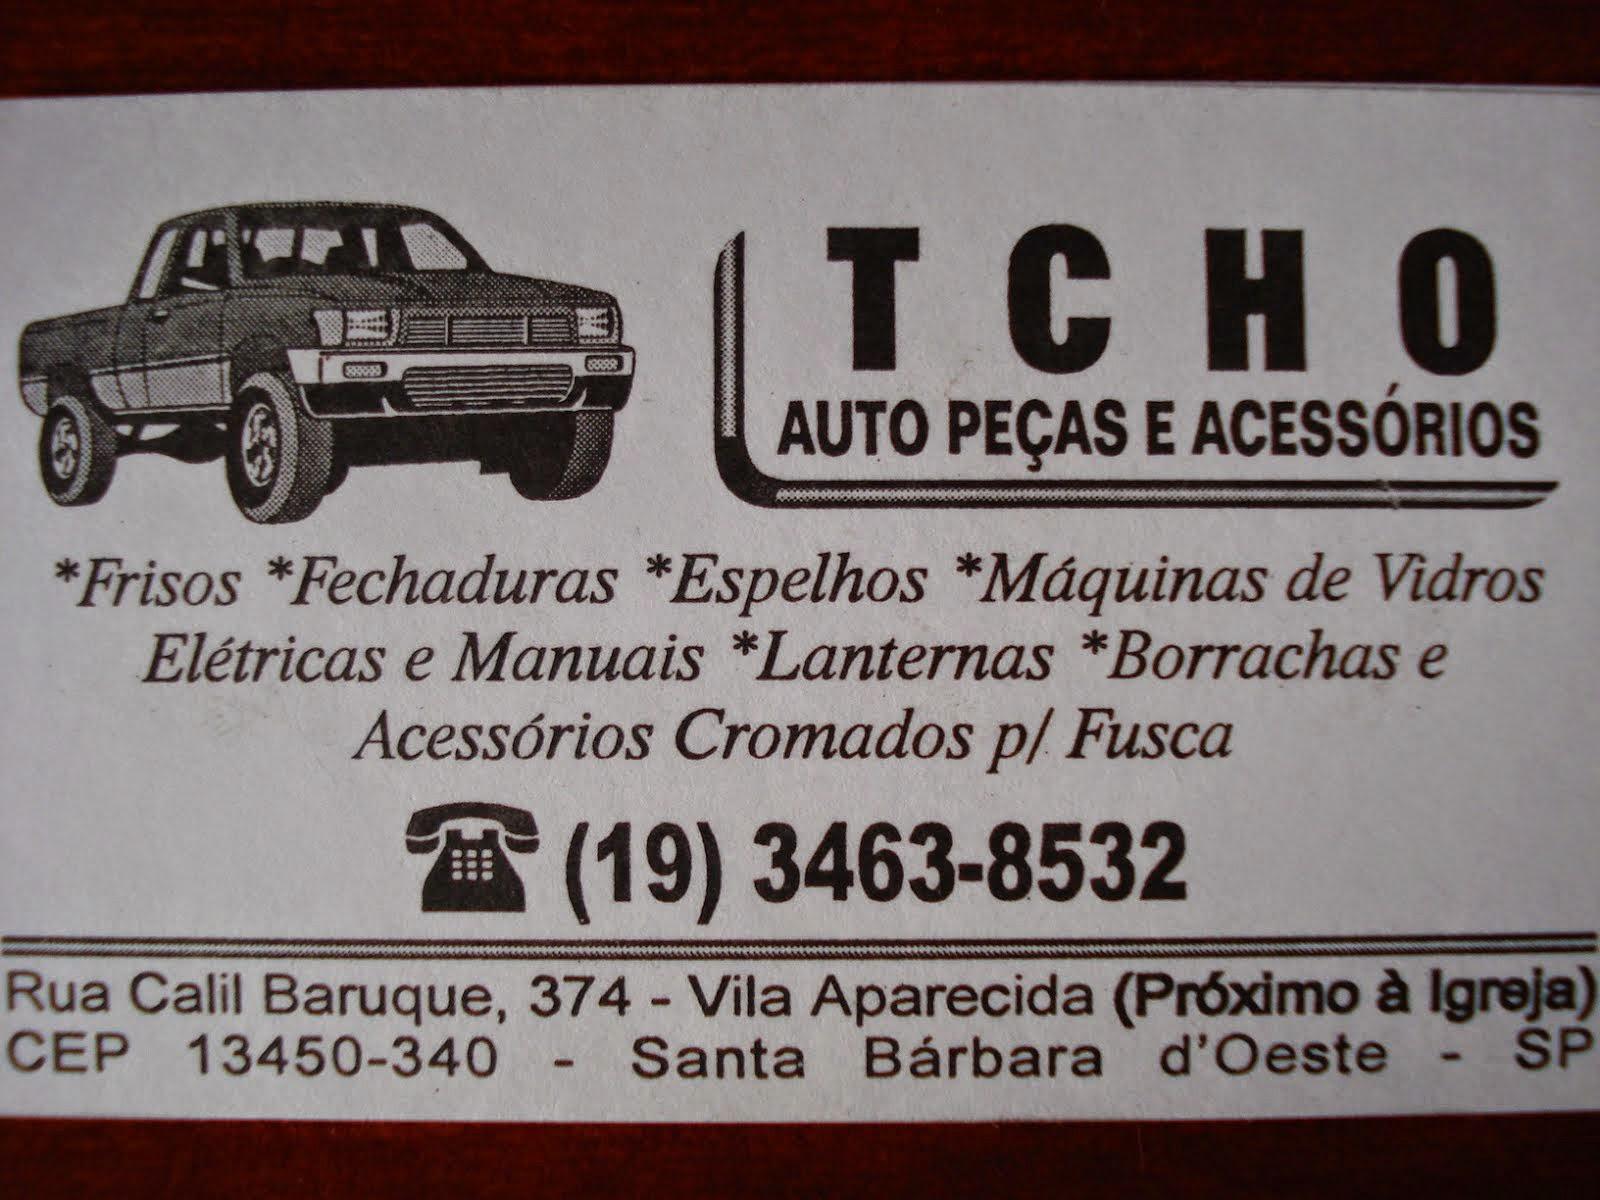 TCHO Auto Peças e Acessórios